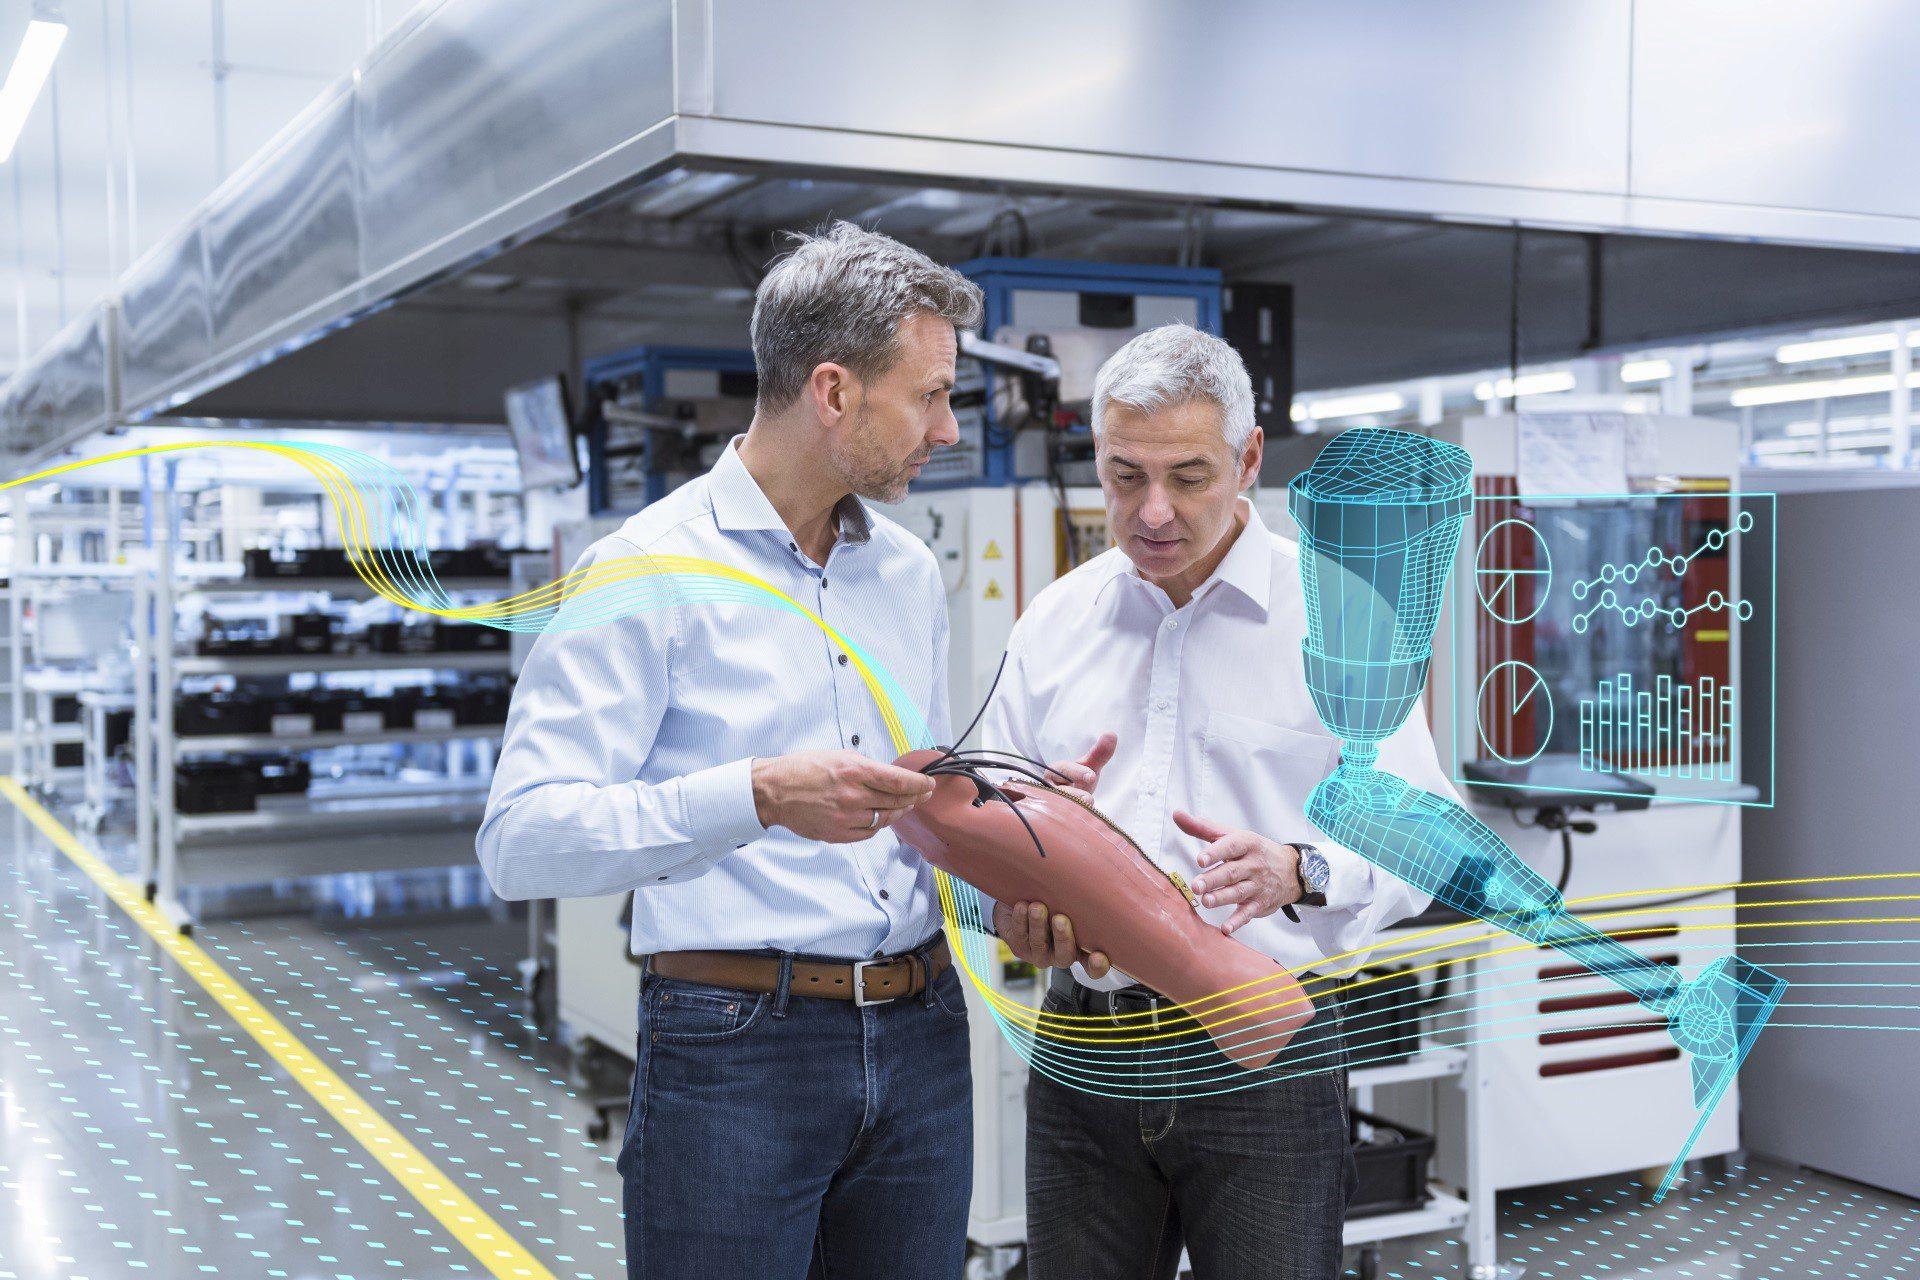 hệ thống quản lý sản xuất của nhà máy